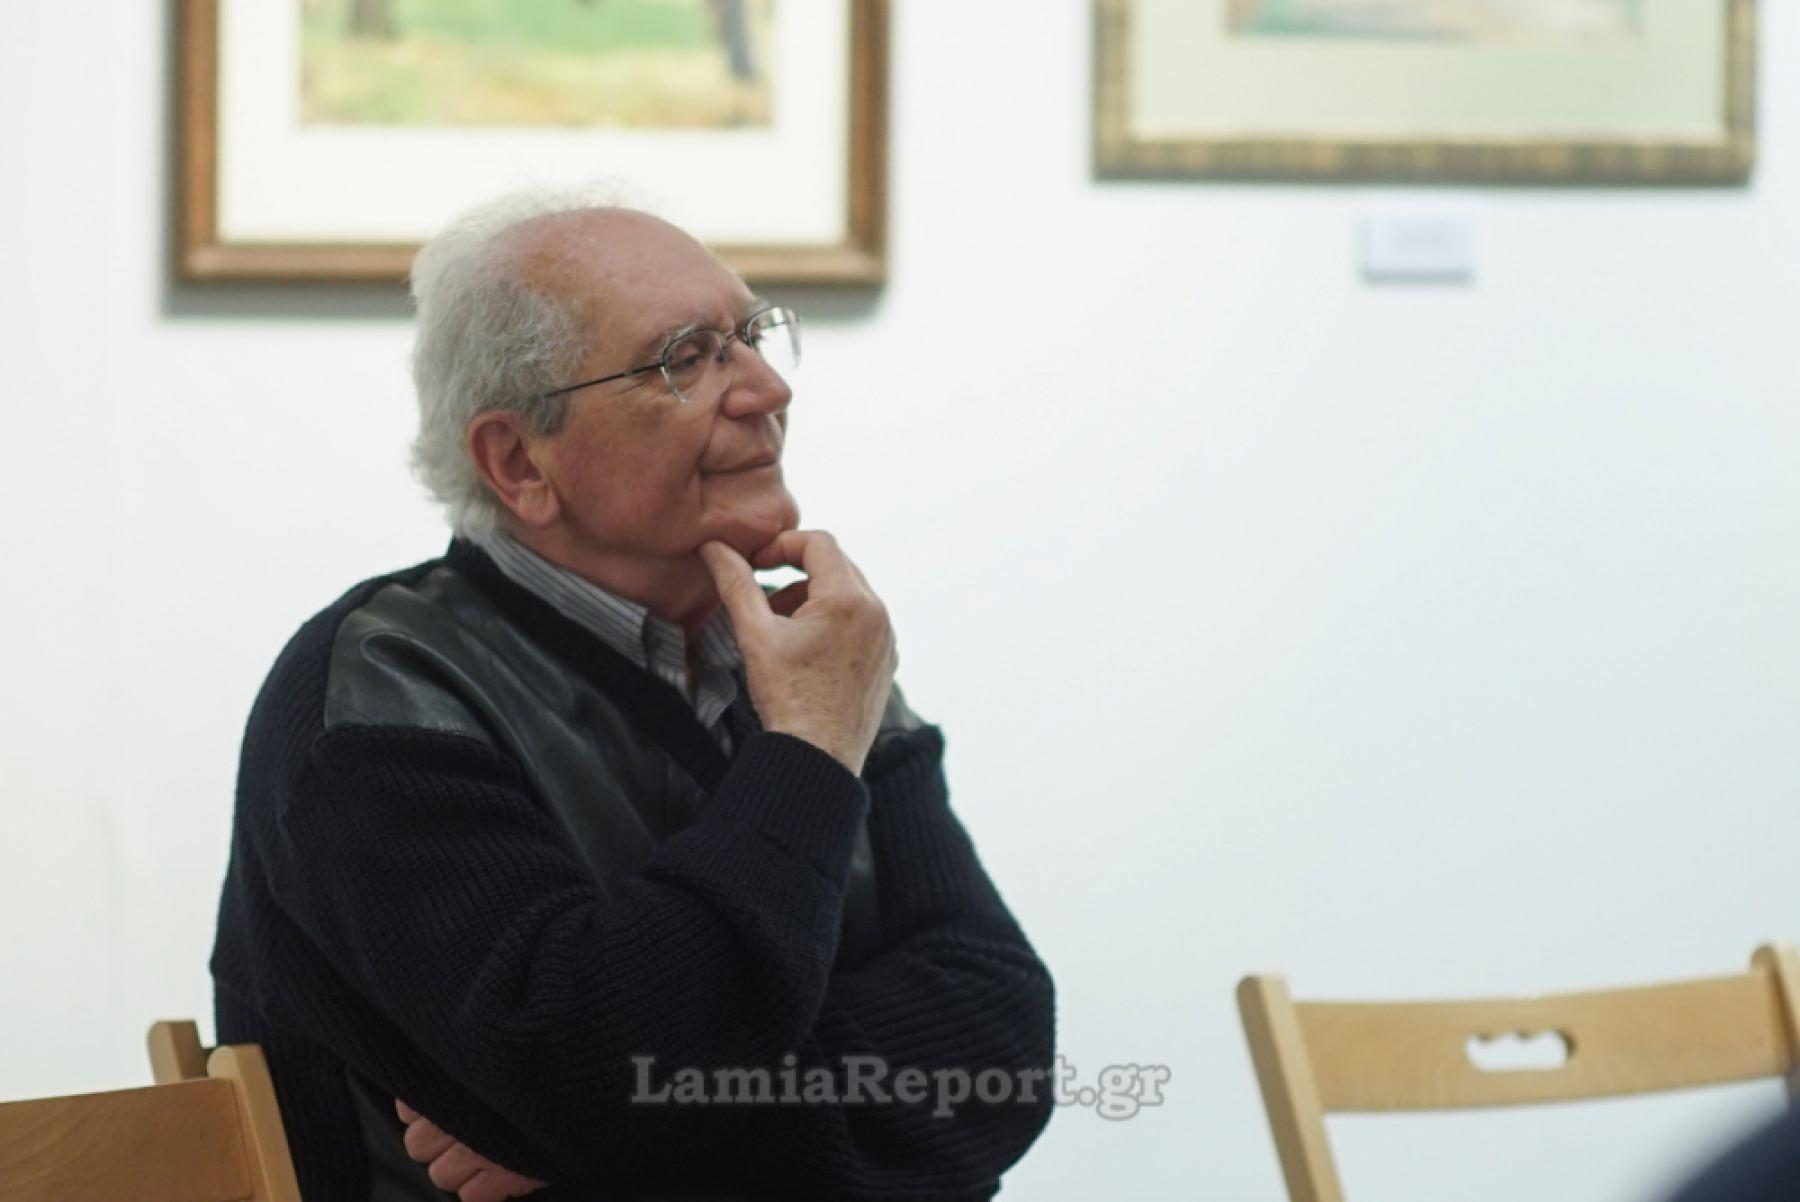 Παρασκευή: Ο «Ανδρούτσος στο Χάνι της Γραβιάς» από το Θέατρο Σκιών Λαμίας!